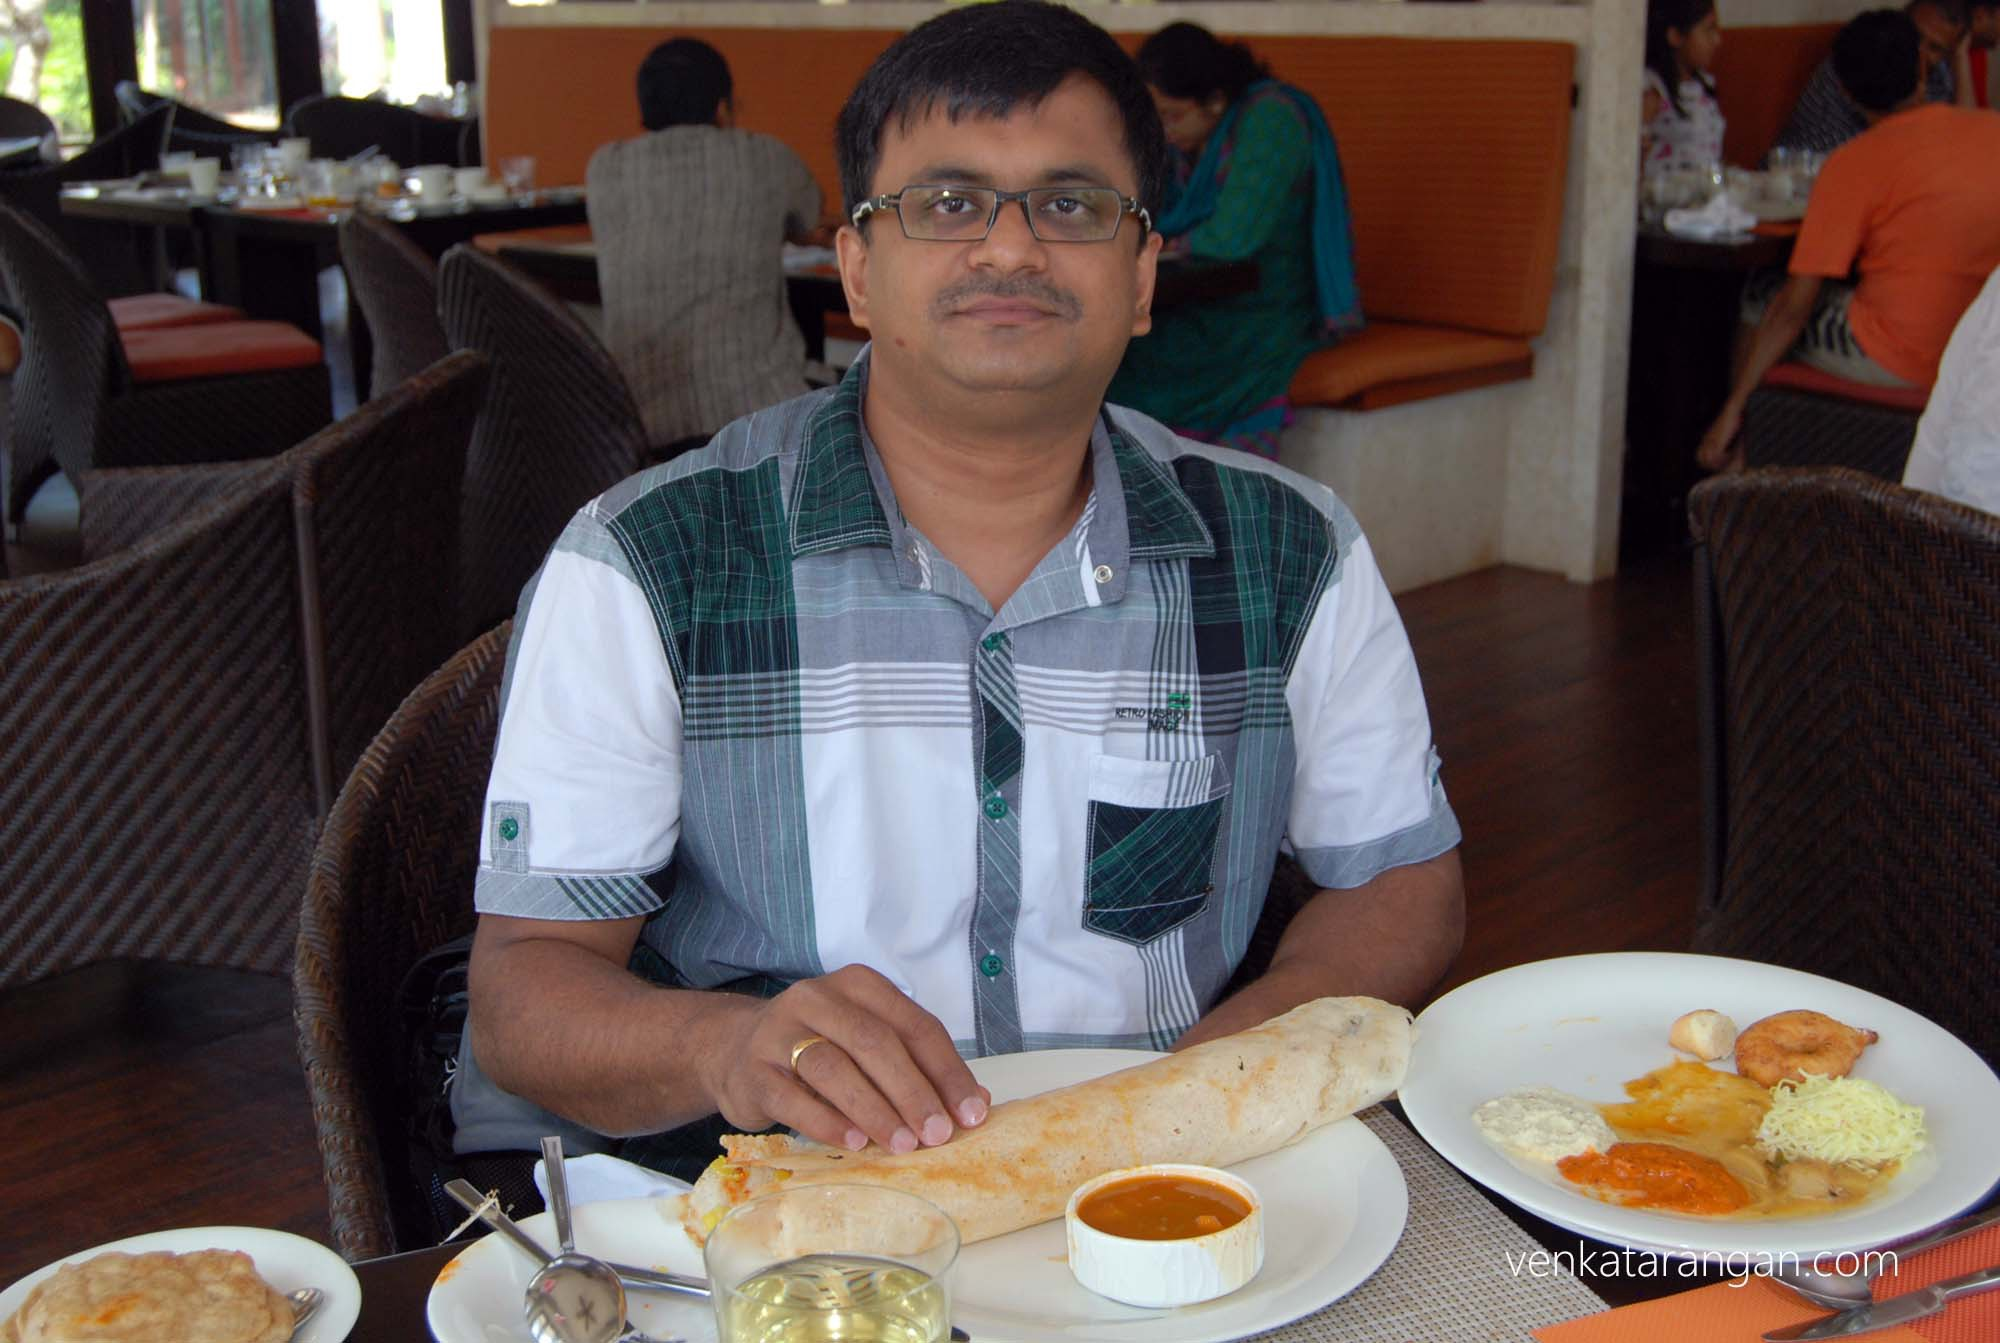 Restaurant serves tasty dosas - Udupi style